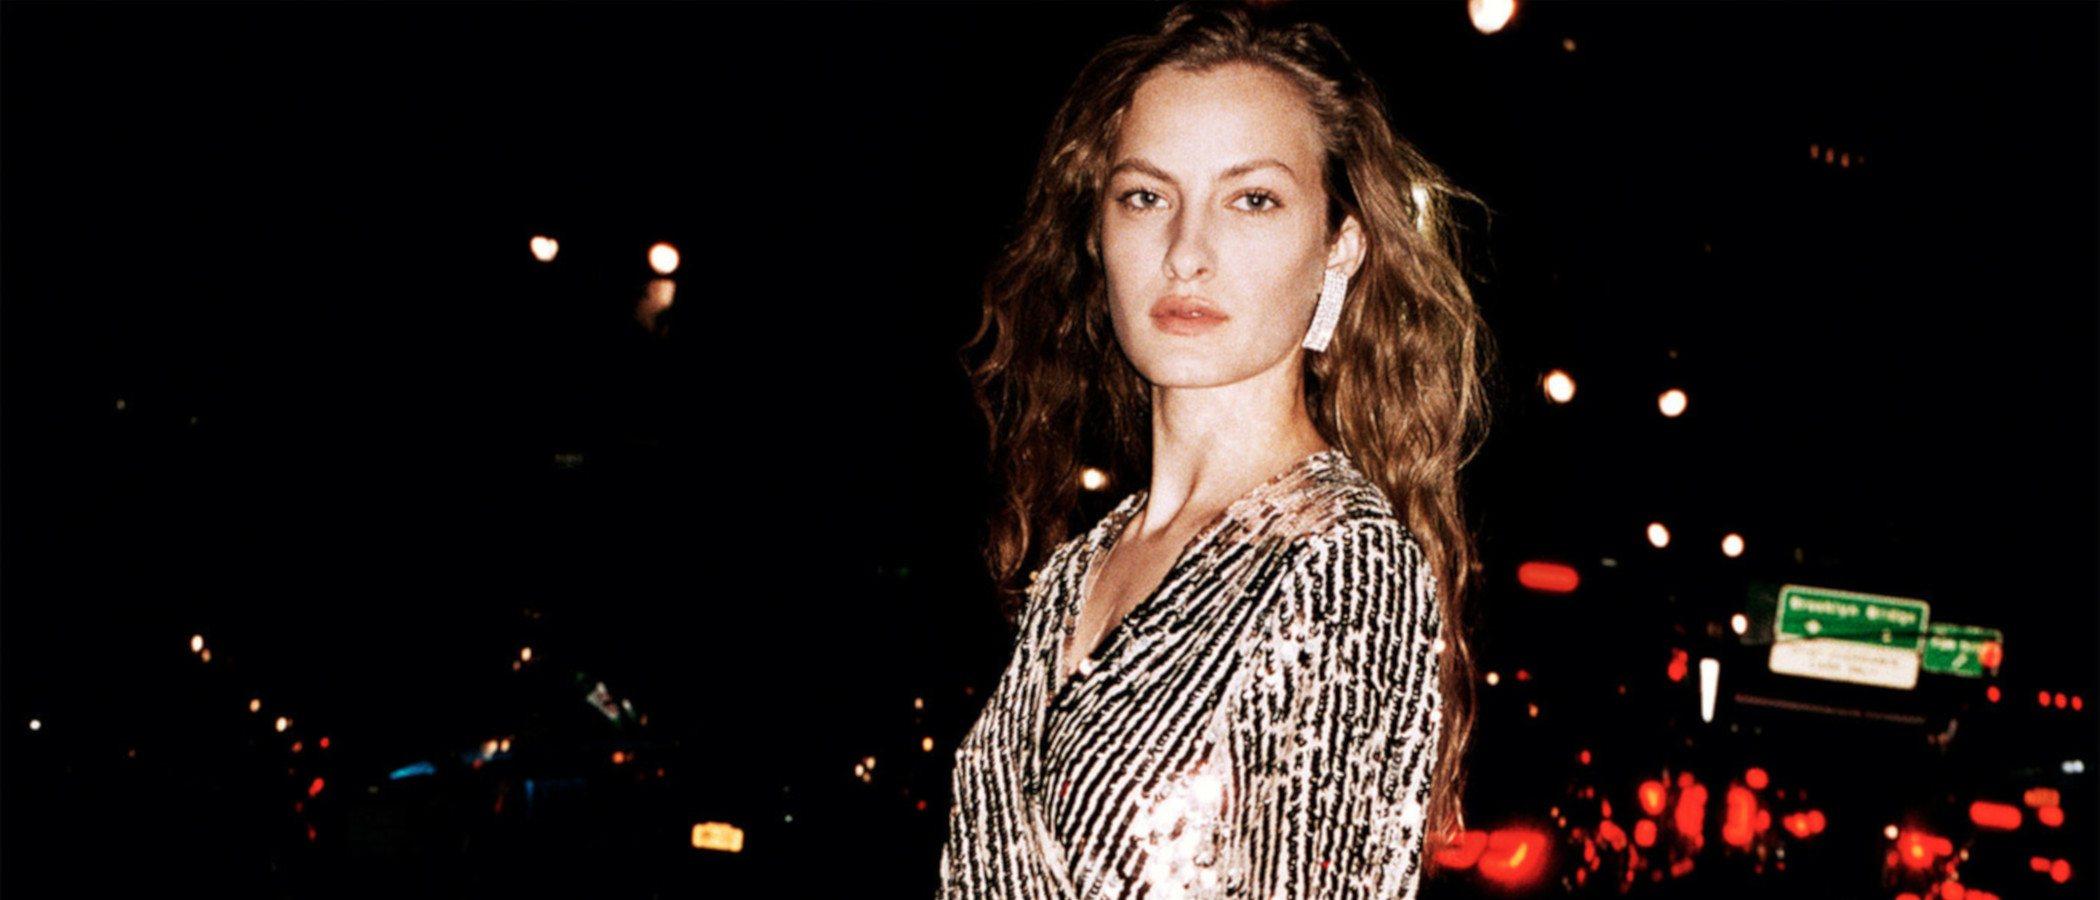 El vestido perfecto para la Navidad lo encontrarás en la nueva colección de Zara